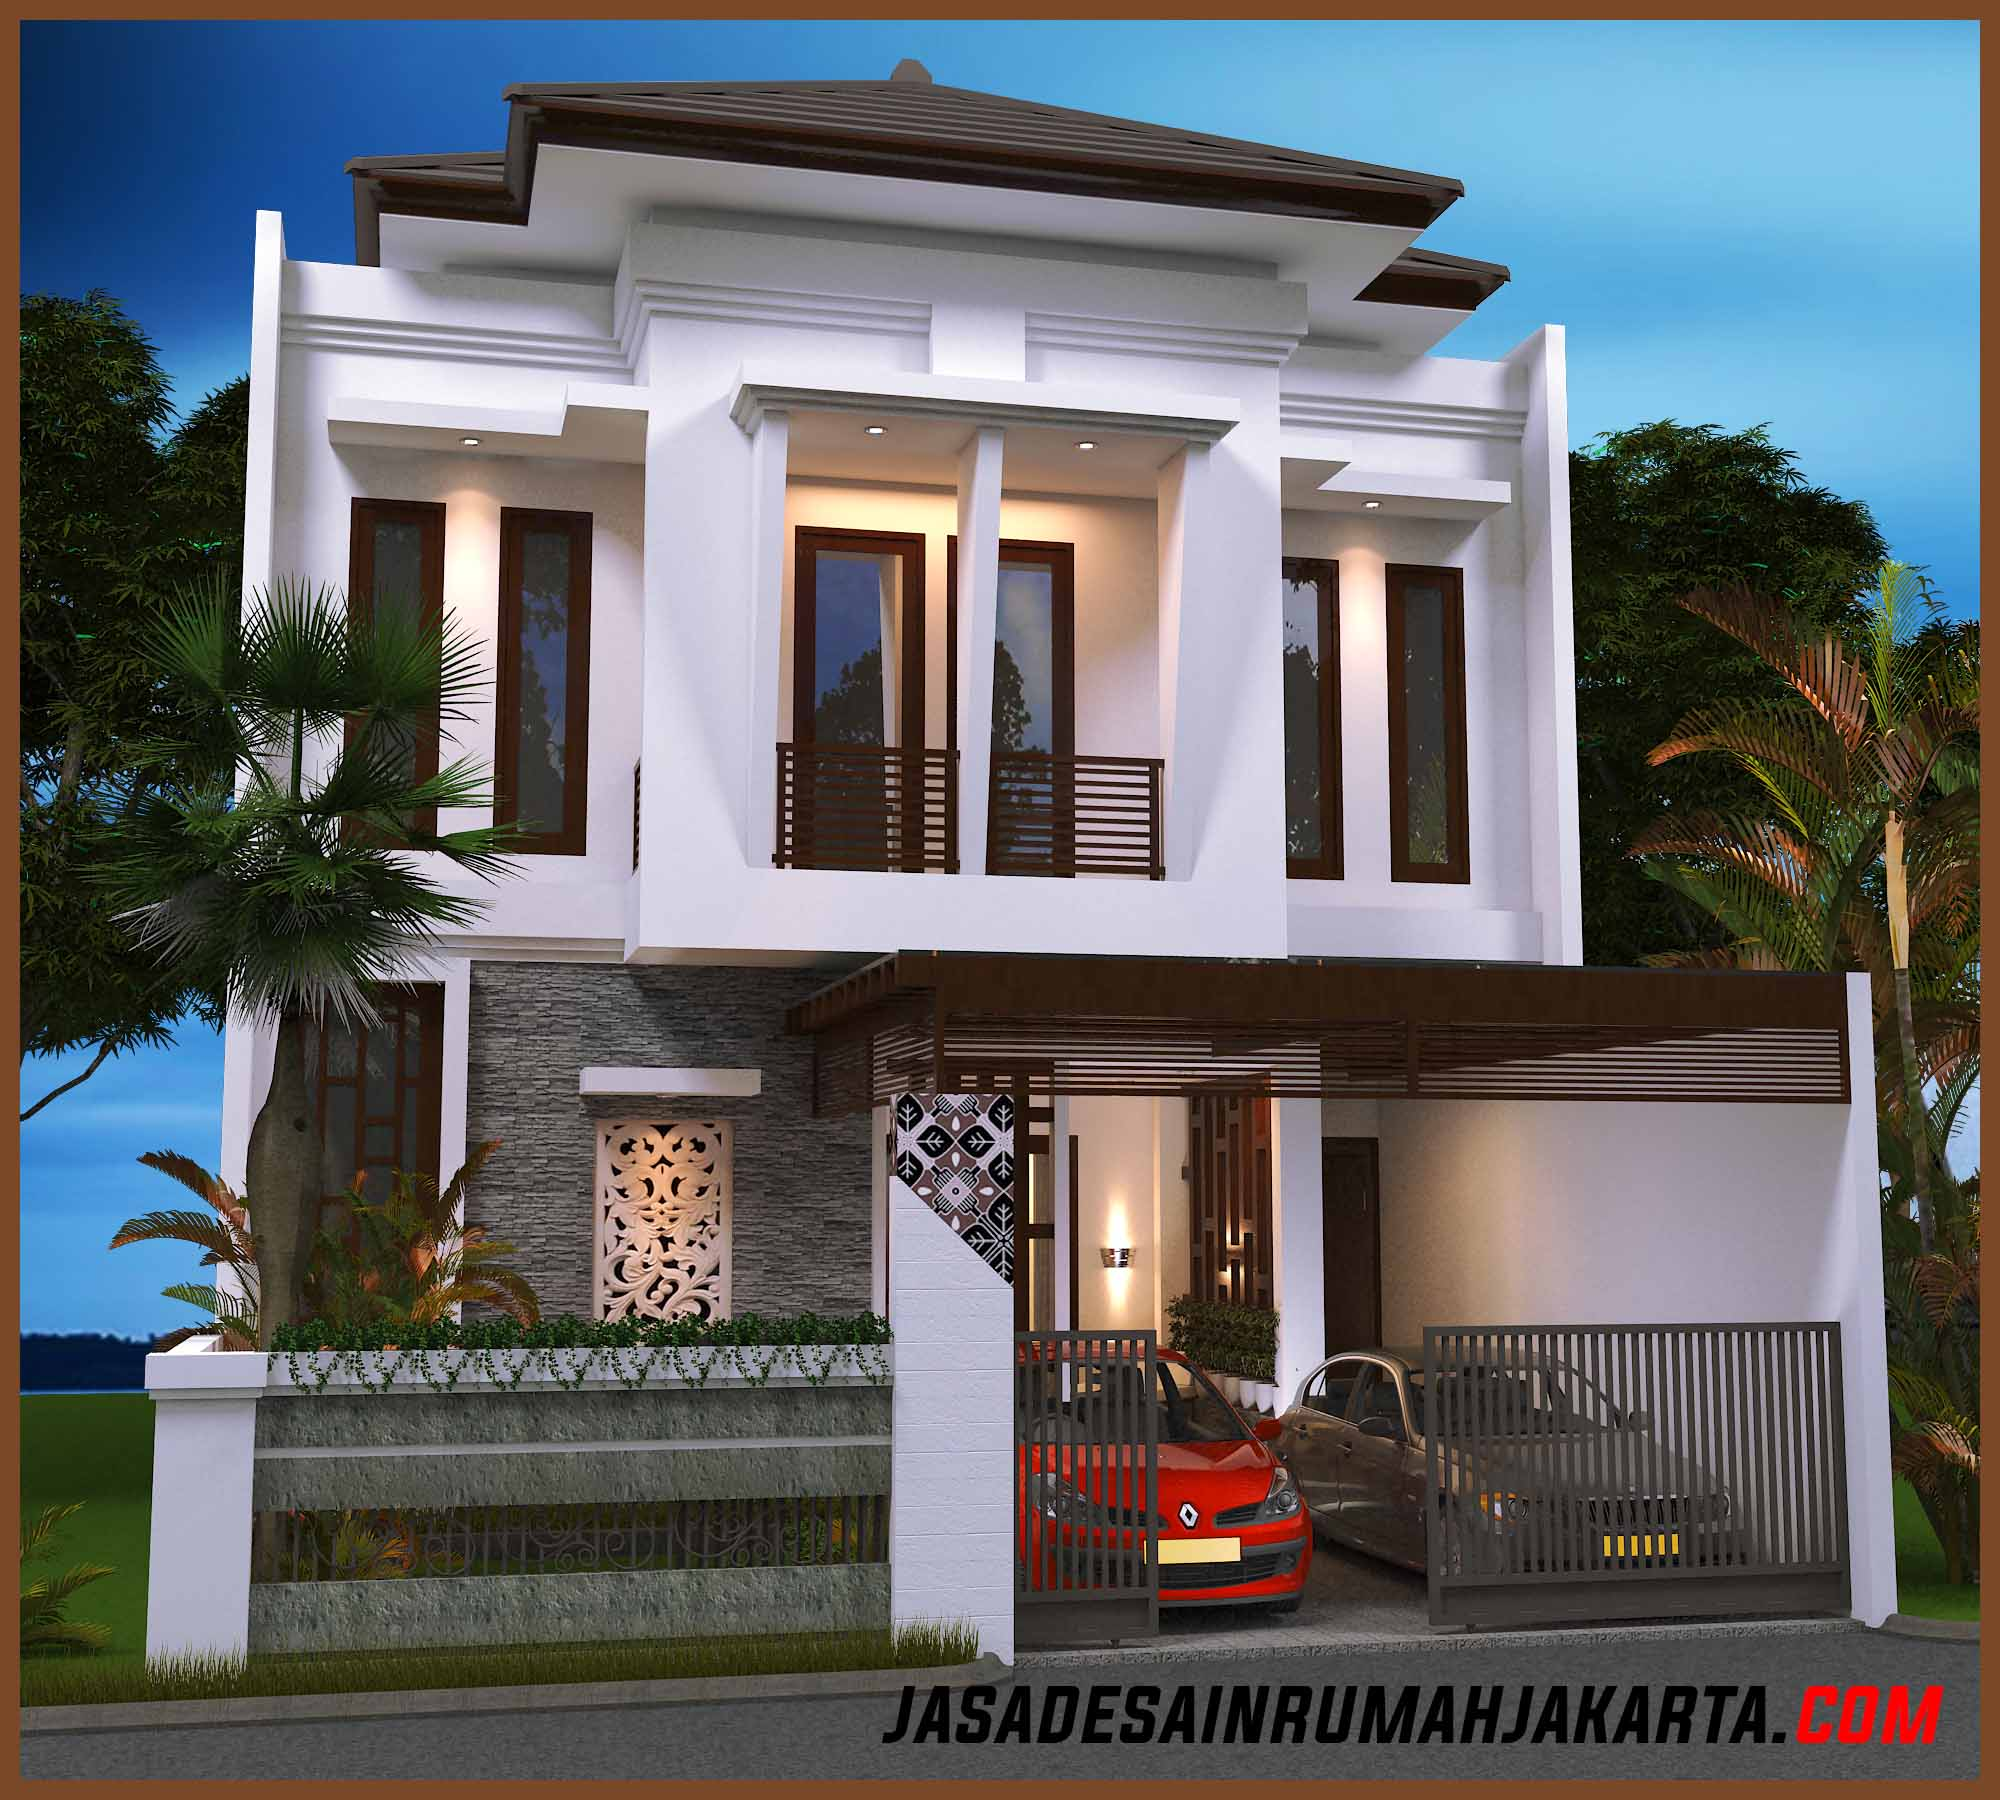 Jasa Desain Rumah Mewah: Gambar Rumah Model Terbaru 2017, Jasa Desain Rumah Jakarta